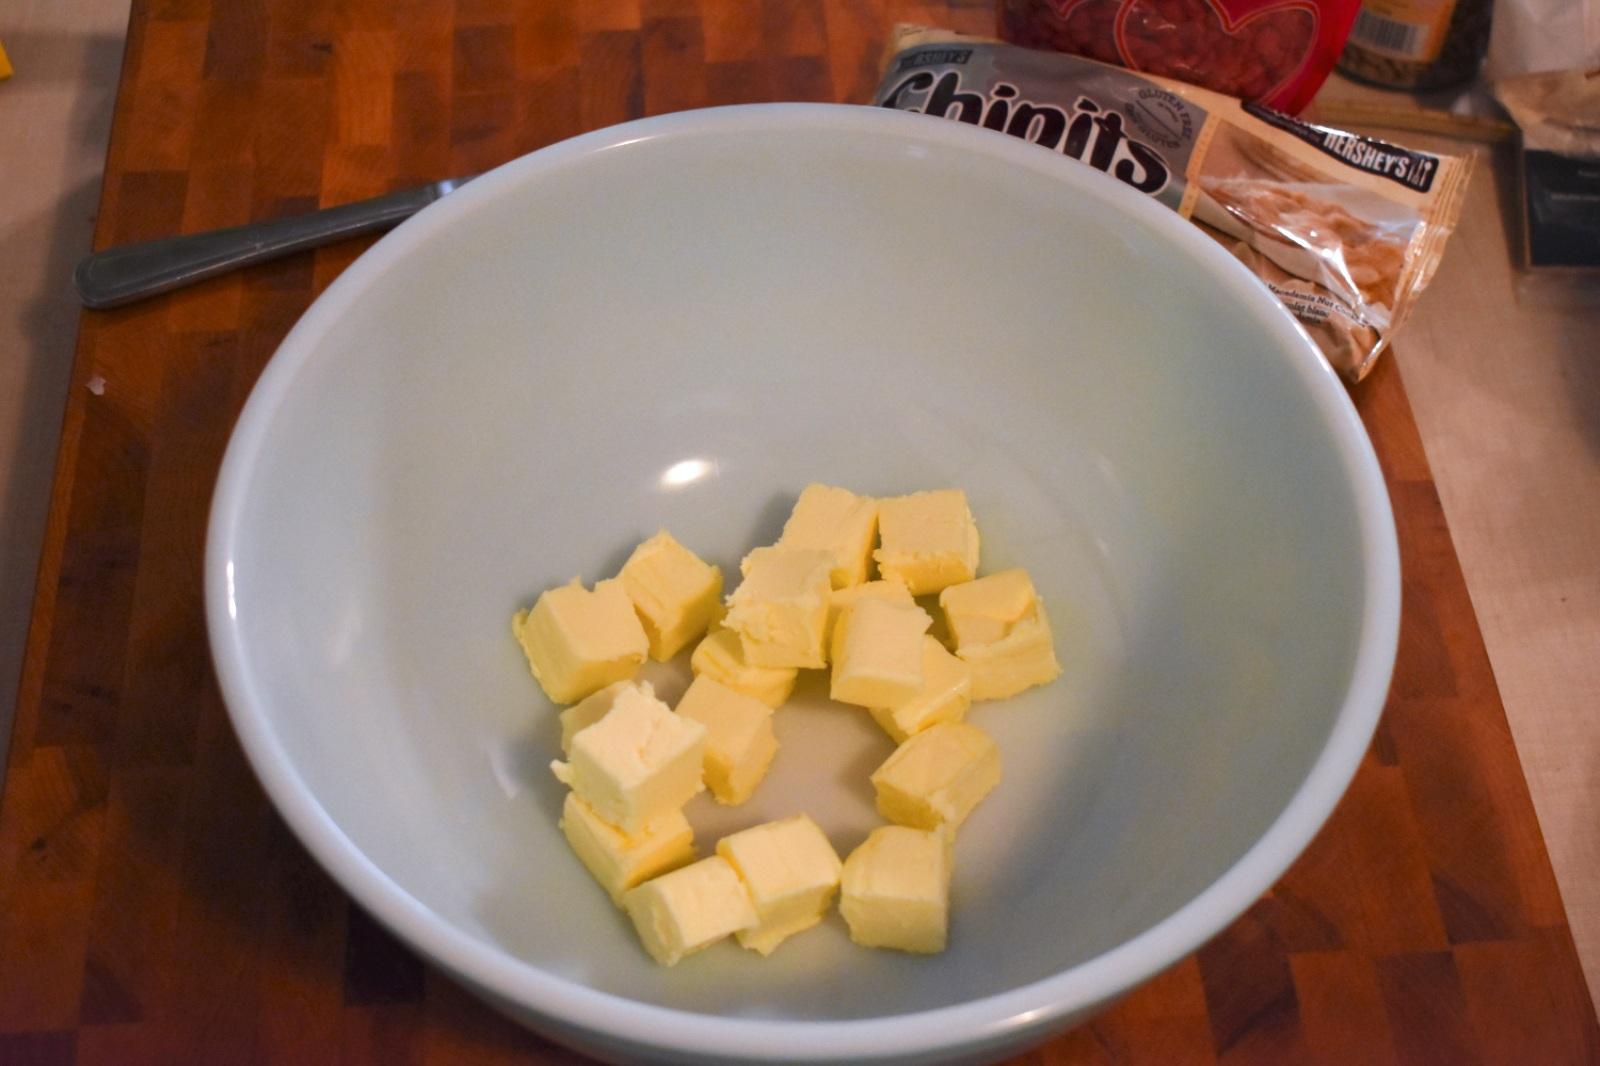 Biscuits double chocolat aux coeurs de cannelle - Auboutdelalangue.com (3)